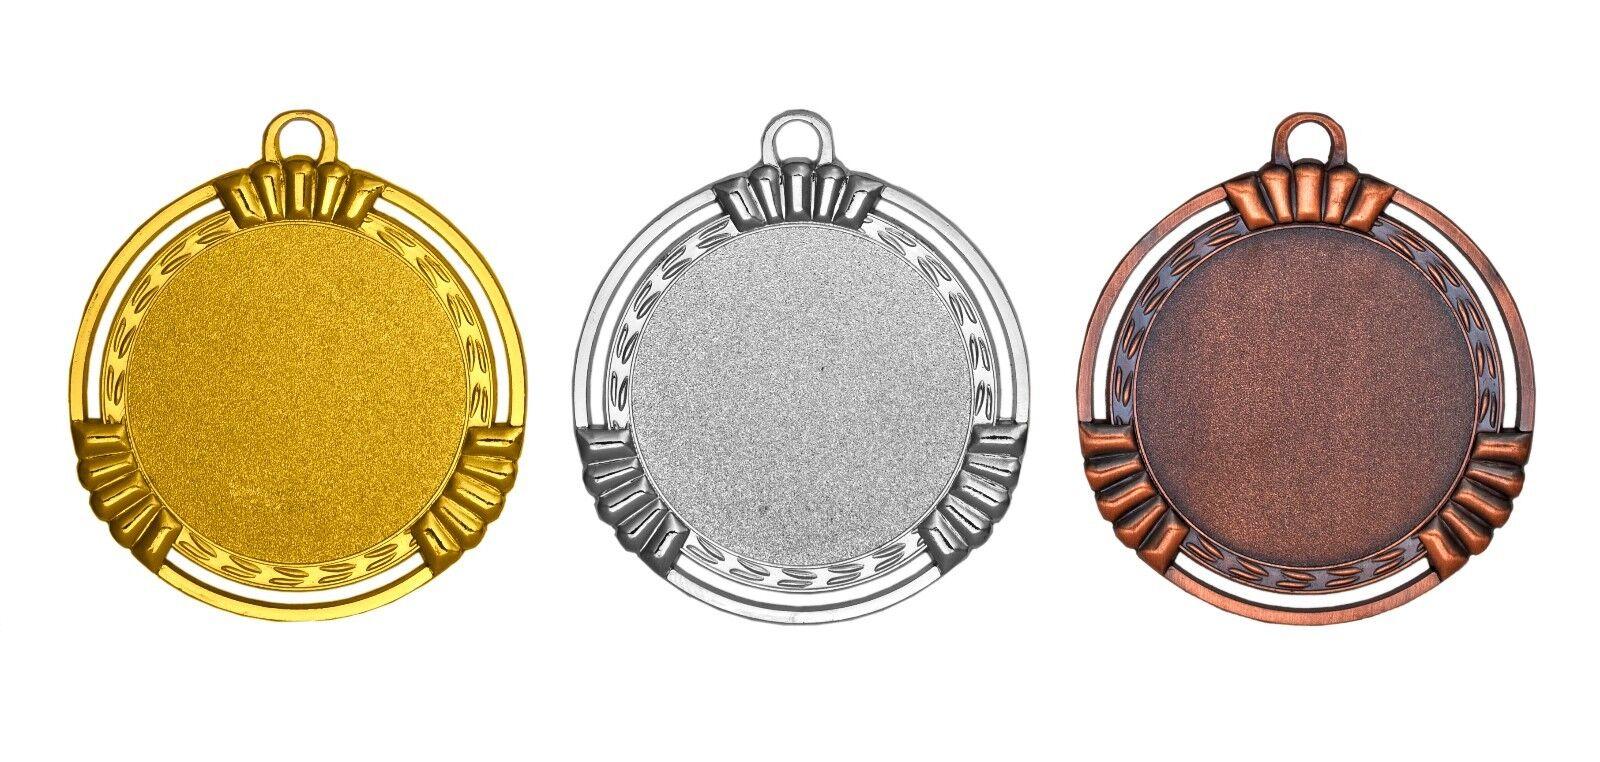 100x MEDAGLIA pulito pulito pulito designlibera scelta del ColoreeeeeeIncl. emblemi e adesivo 62cd5a